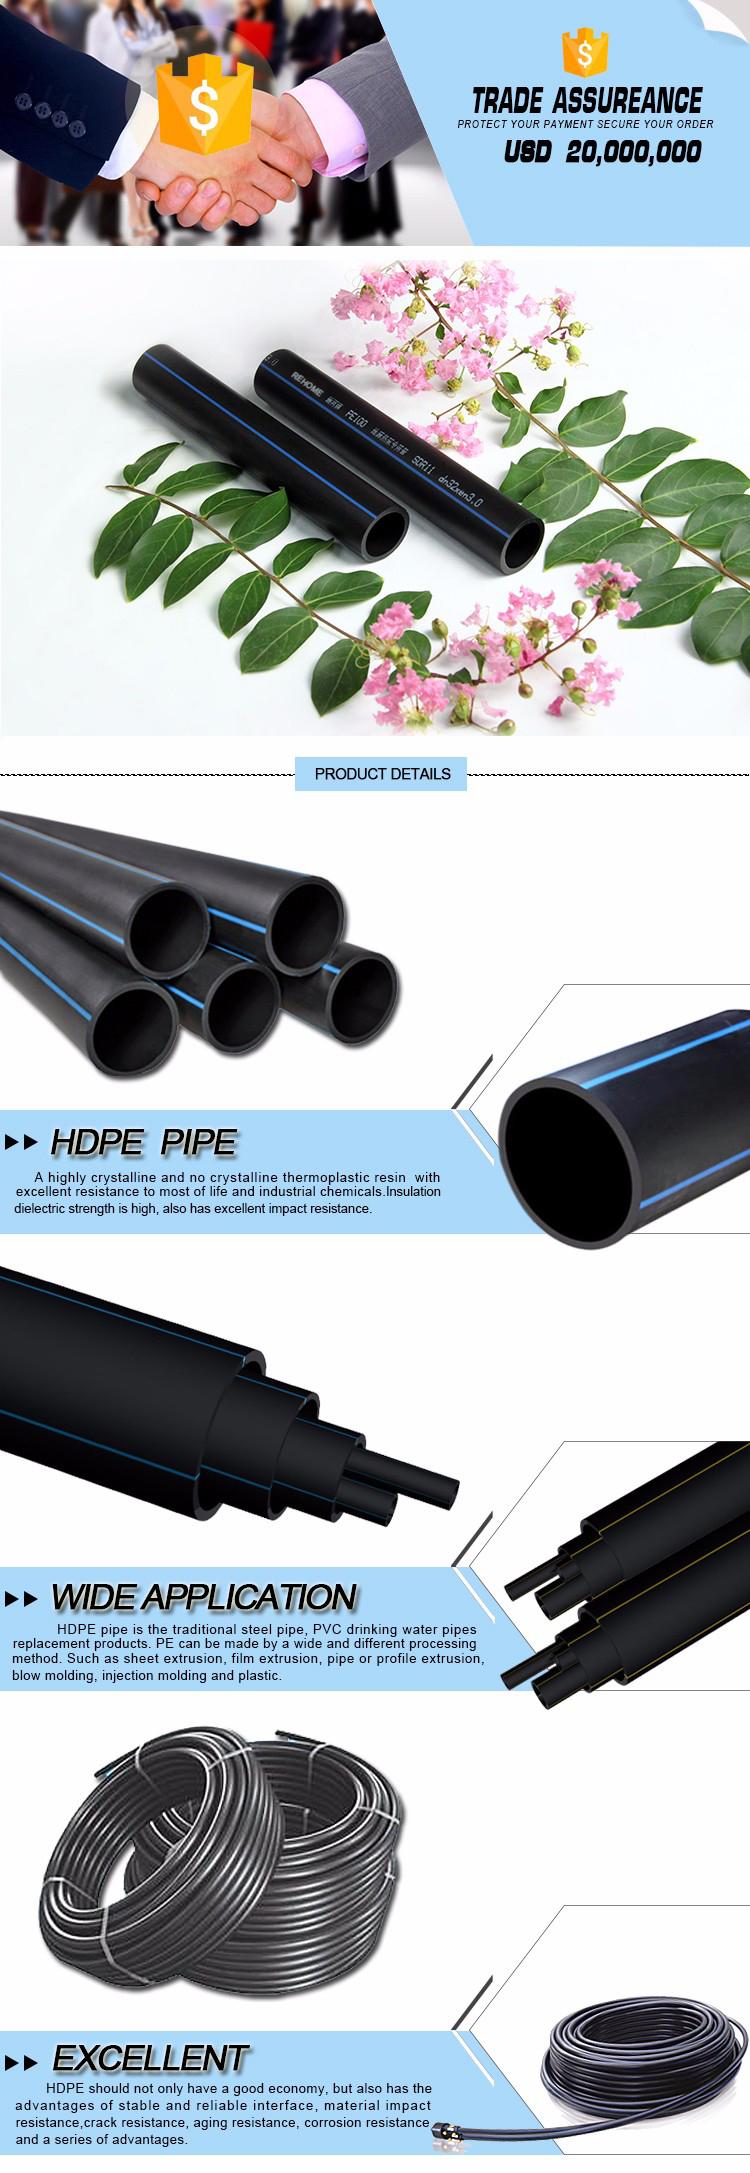 קטן שחור פלסטיק מים קוטר sdr11 hdpe רול צינור